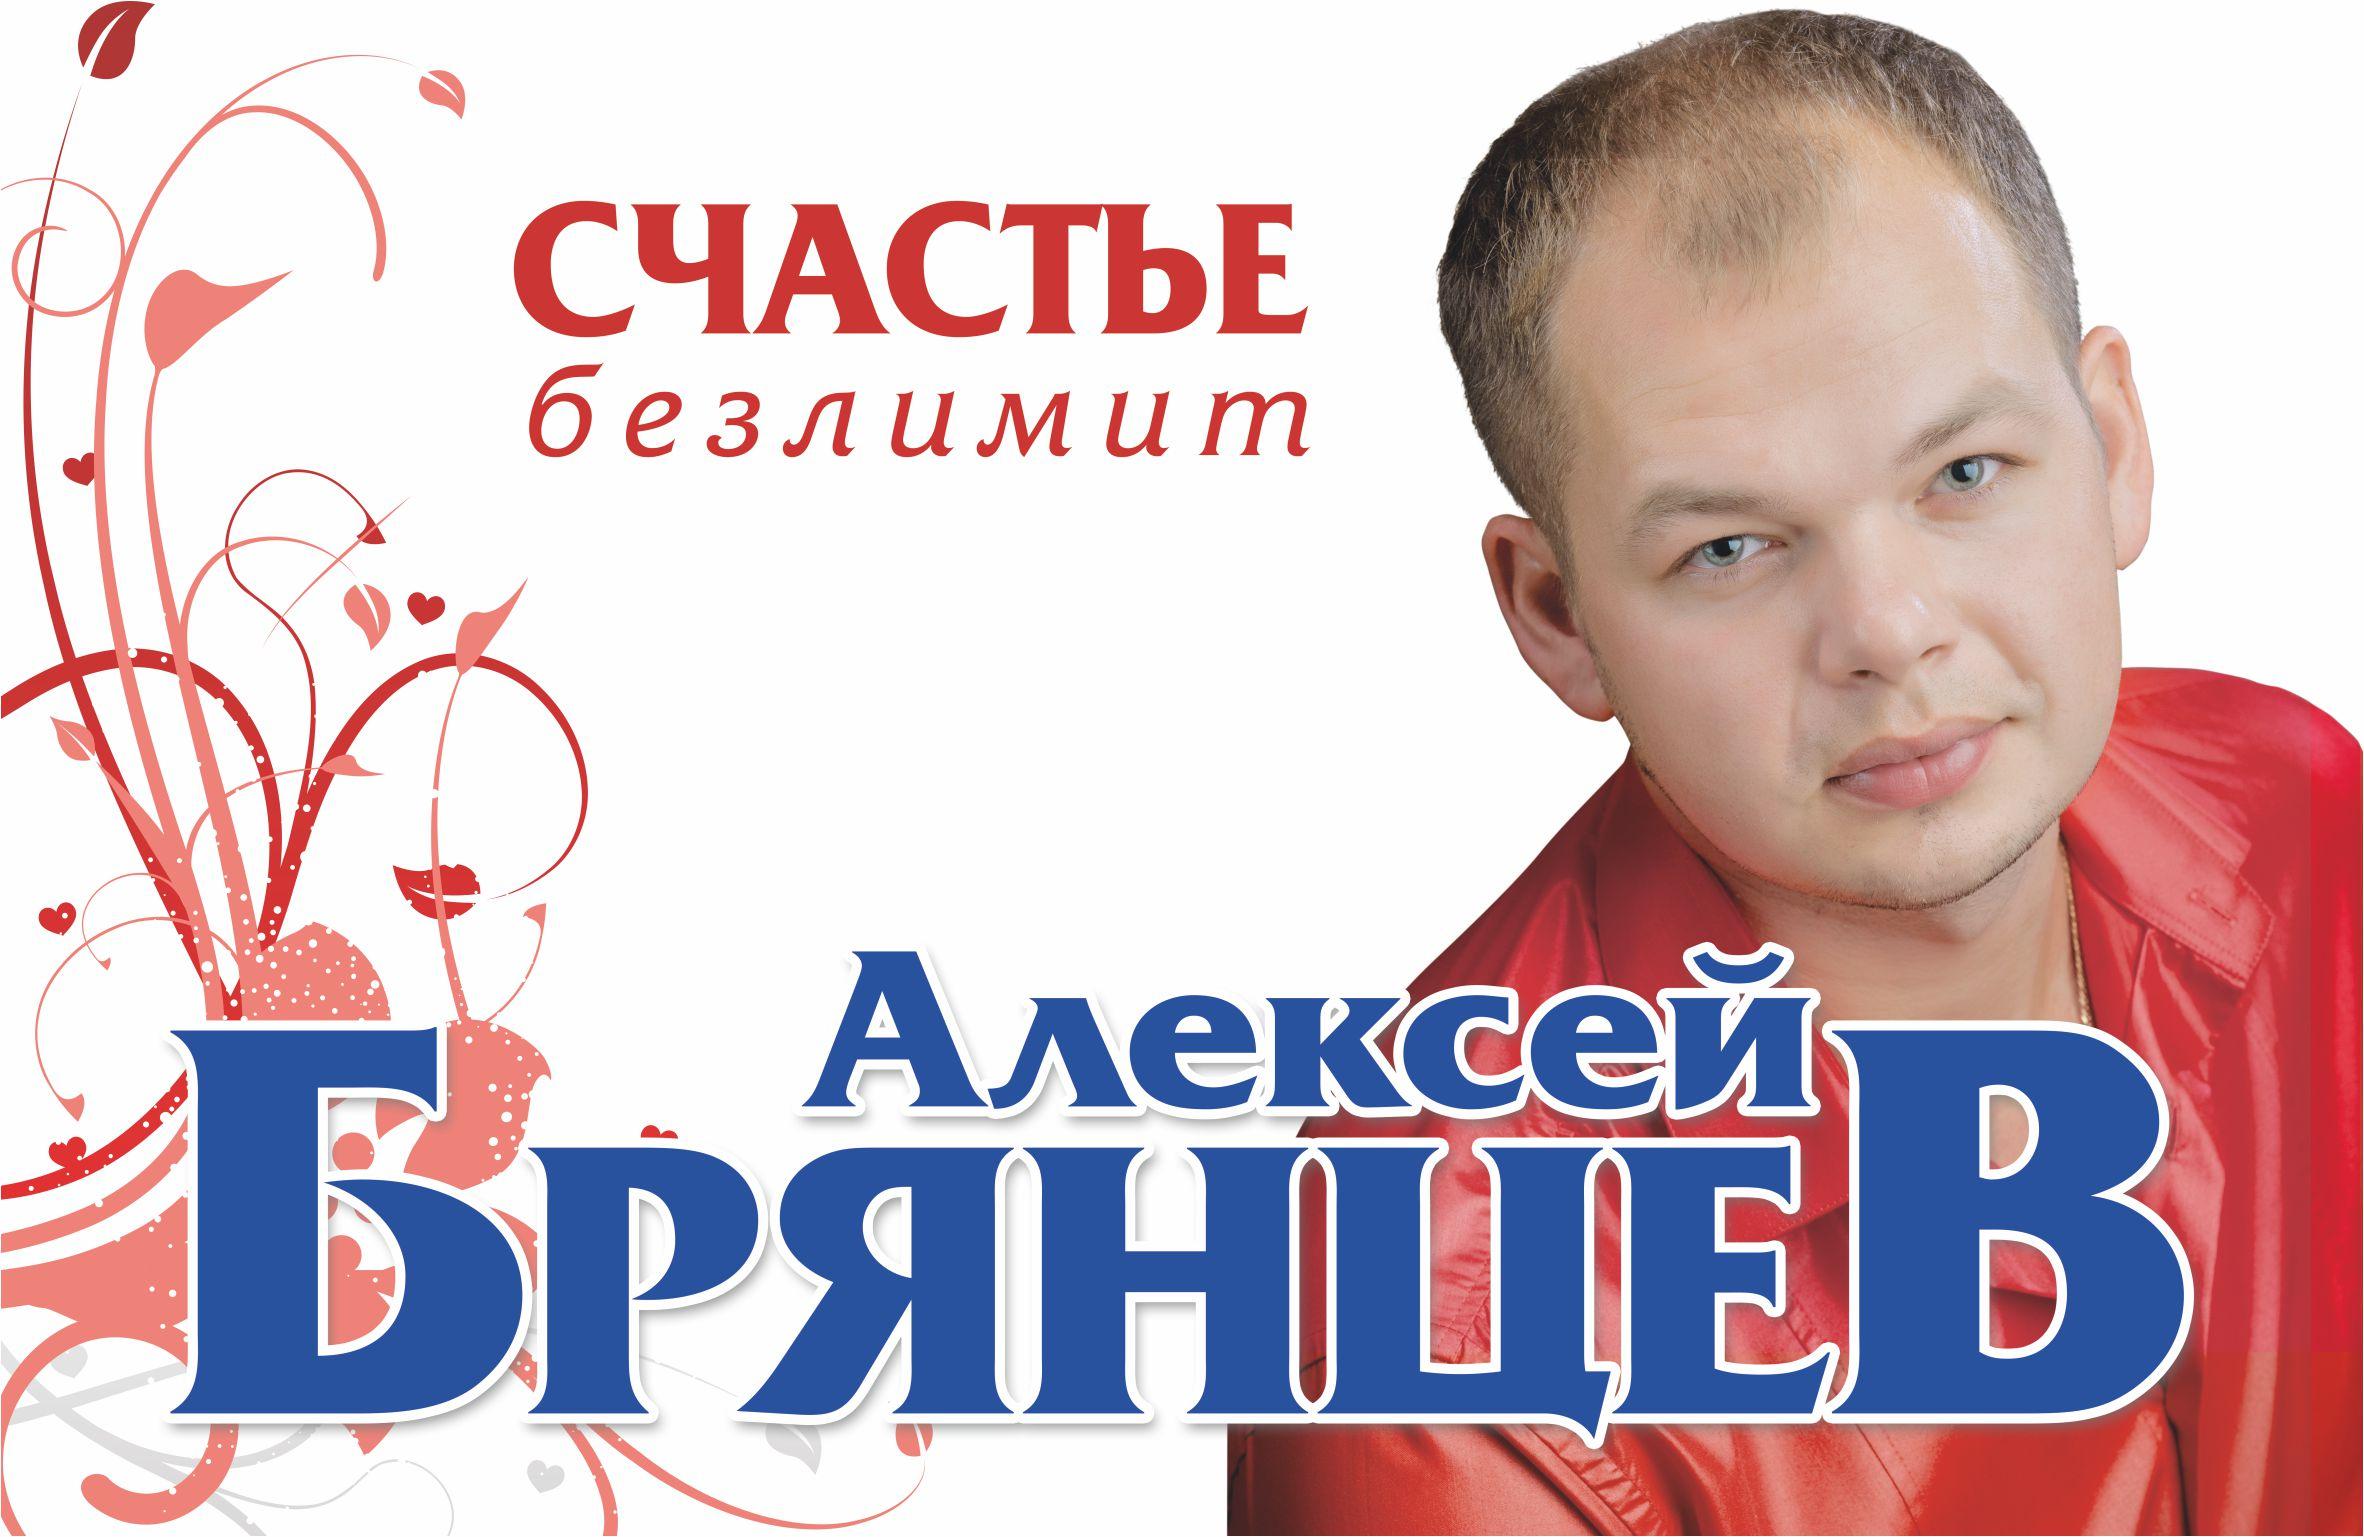 Купить билеты на Алексей Брянцев